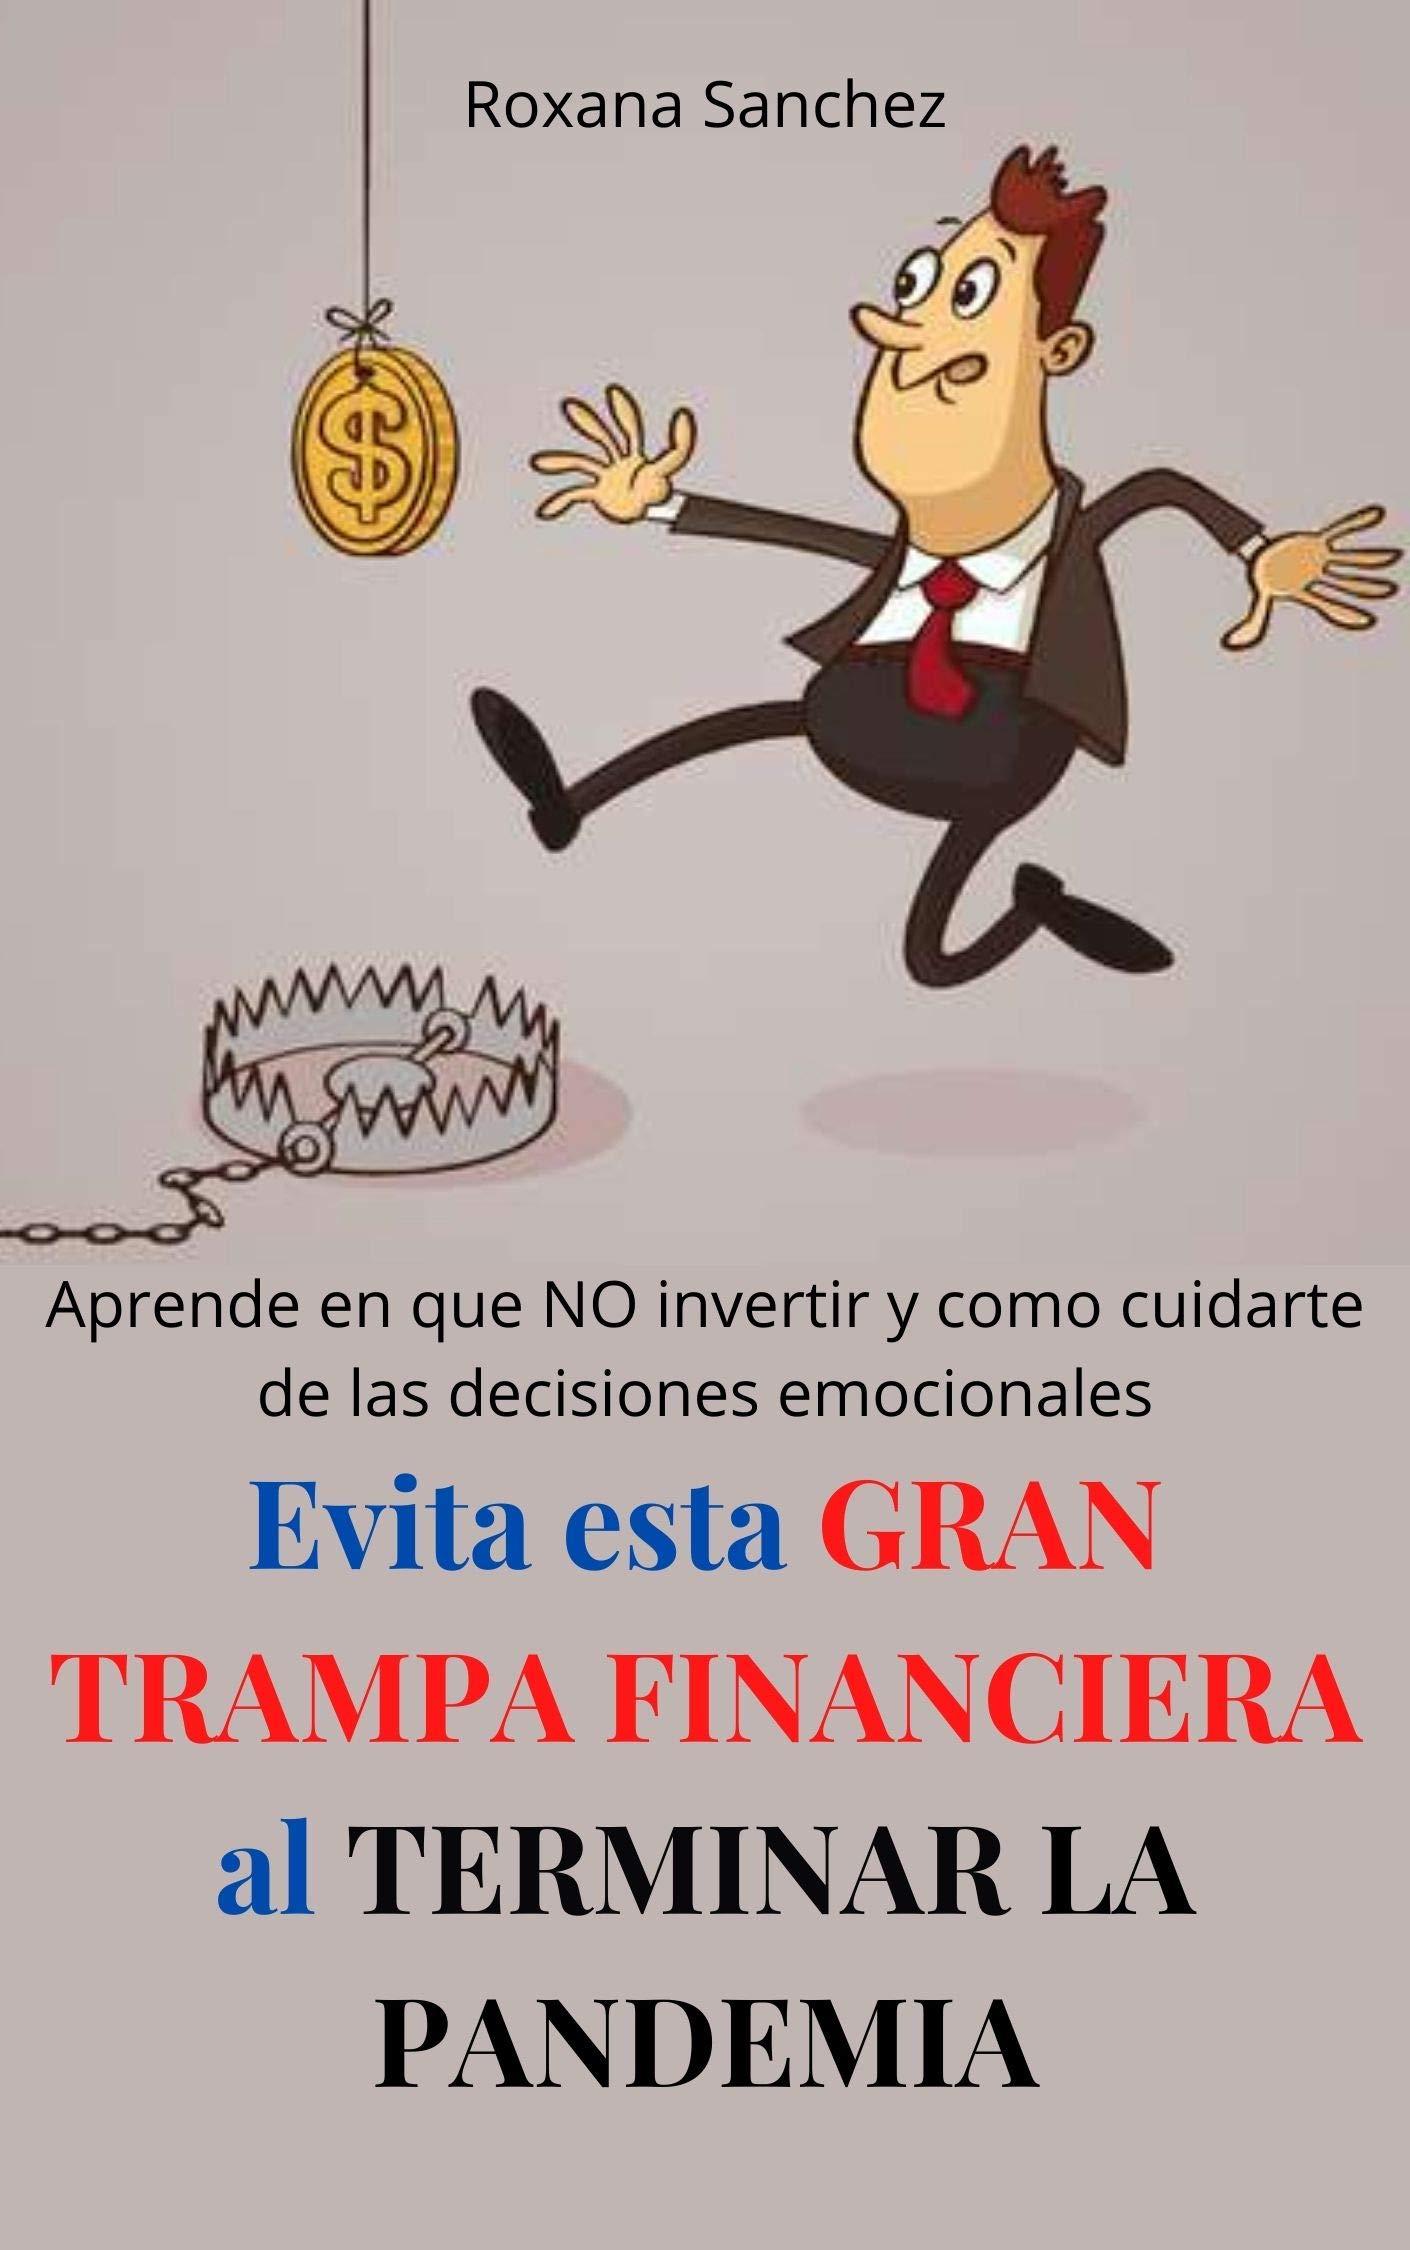 Evita esta GRAN TRAMPA FINANCIERA al TERMINAR LA PANDEMIA: Aprende en que NO invertir y como cuidarte de las decisiones emocionales (Spanish Edition)